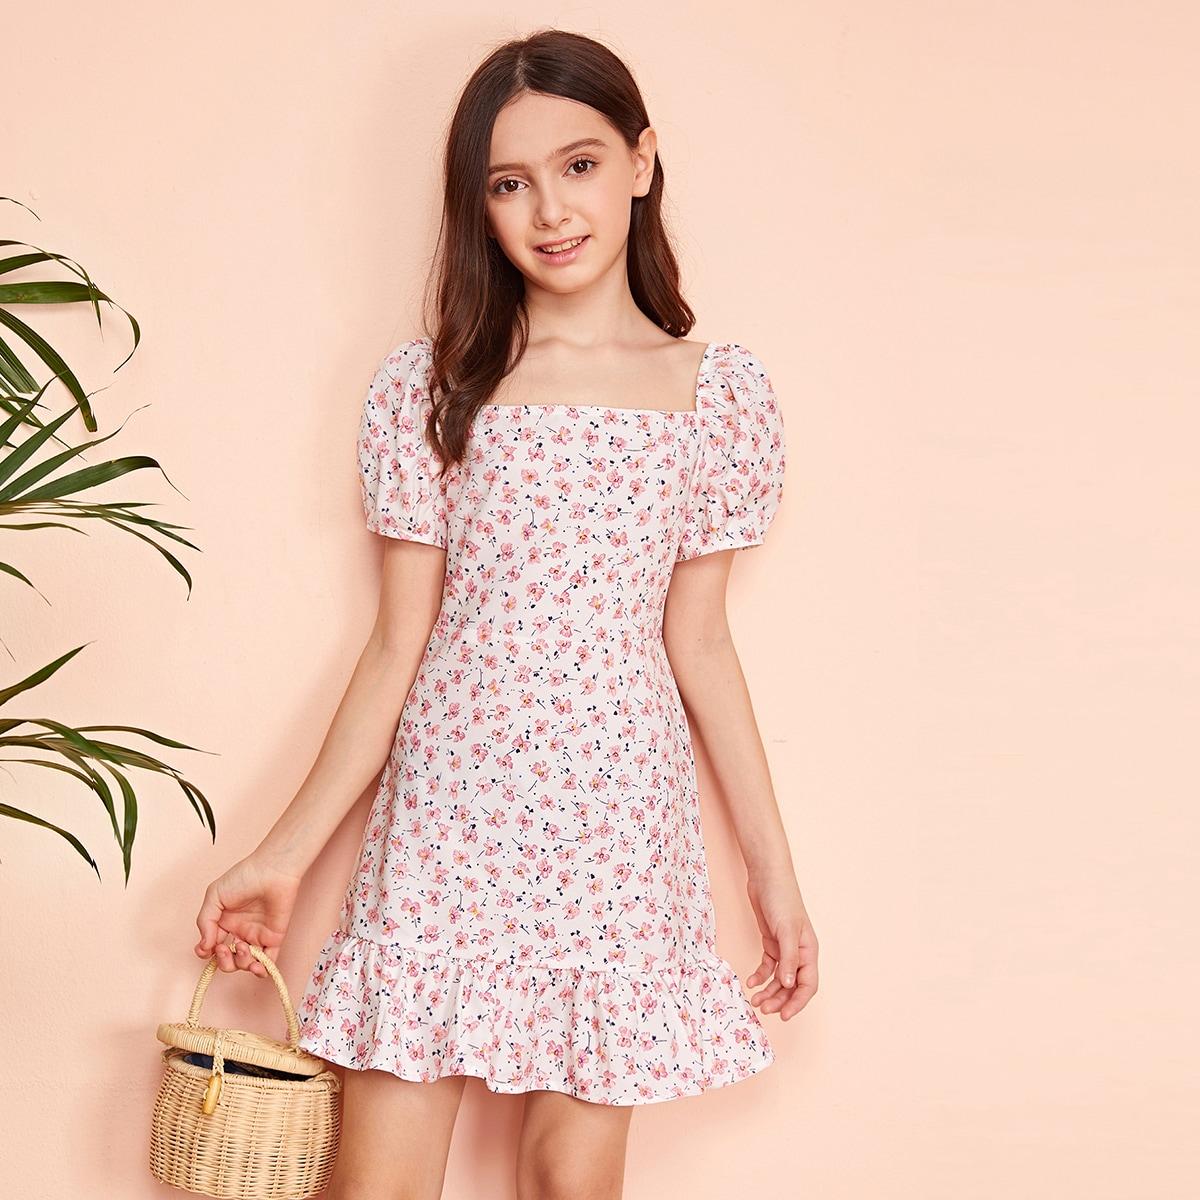 Mädchen Kleid mit Puffärmeln, Raffungsaum und Blümchen Muster